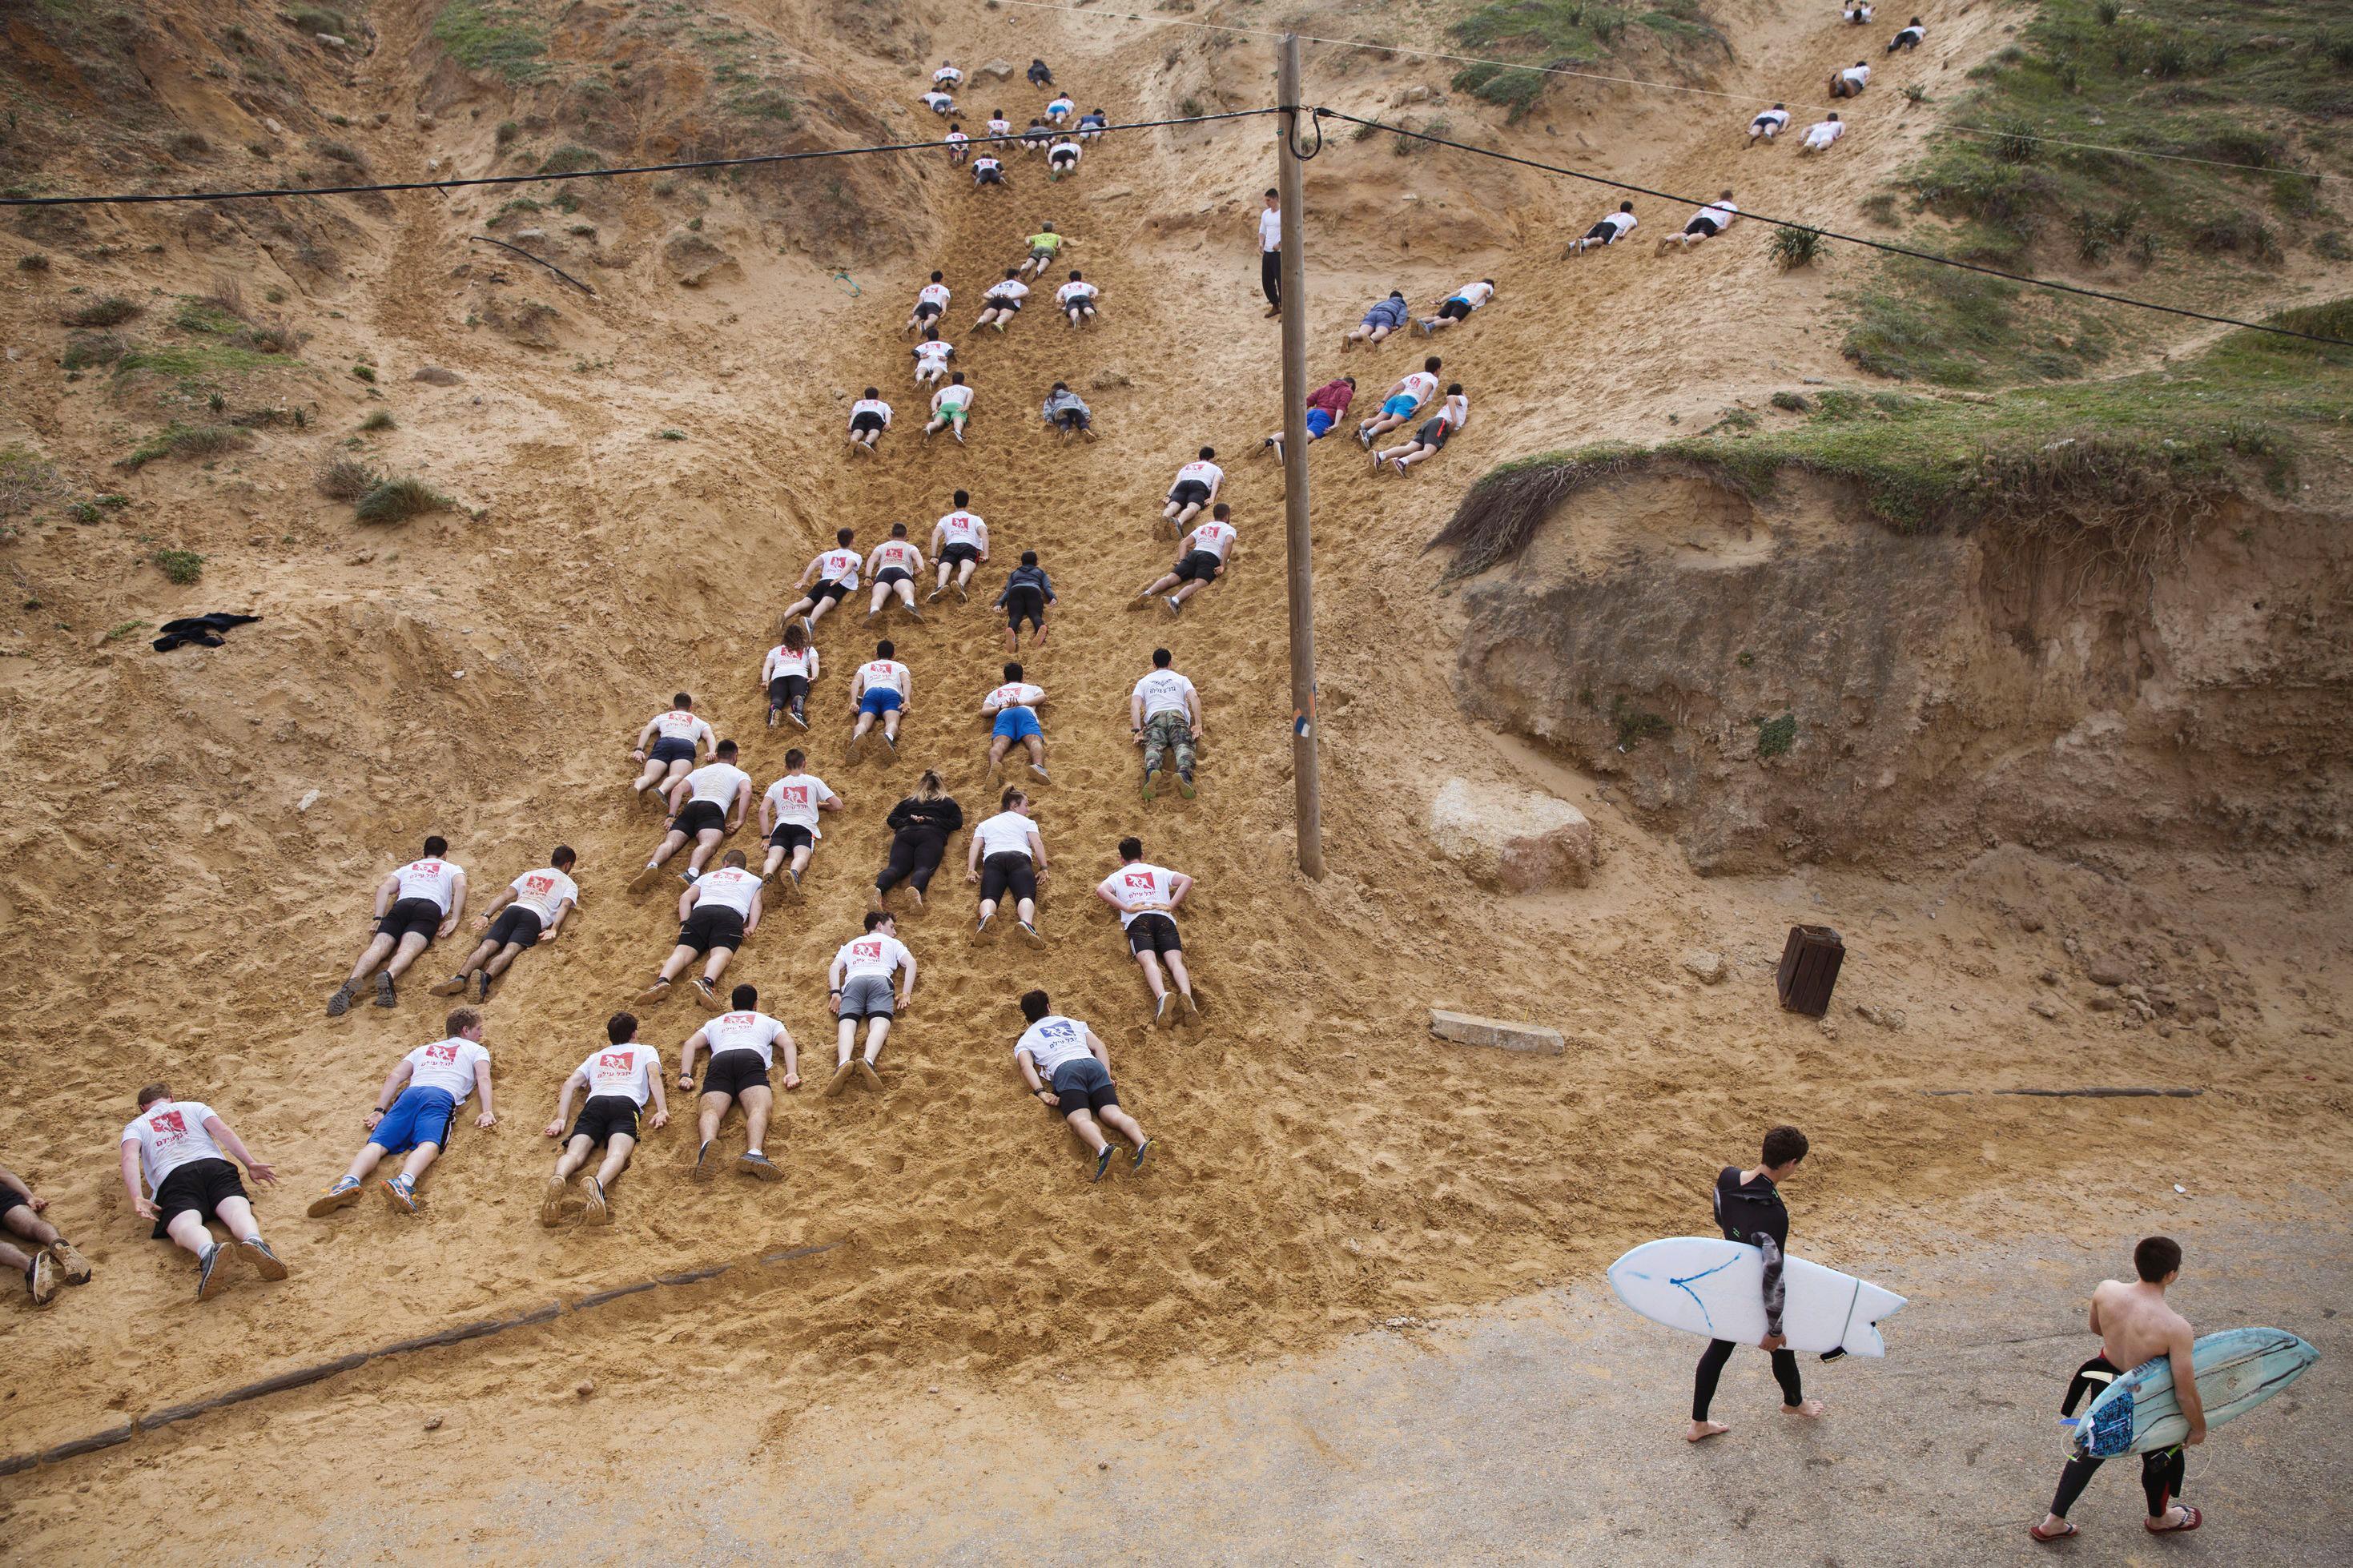 Двое серферов проходят мимо старшеклассников, которые готовятся кслужбе визраильской армии, тренируясь ползти икарабкаться попеску, Герцлия, 1 февраля.